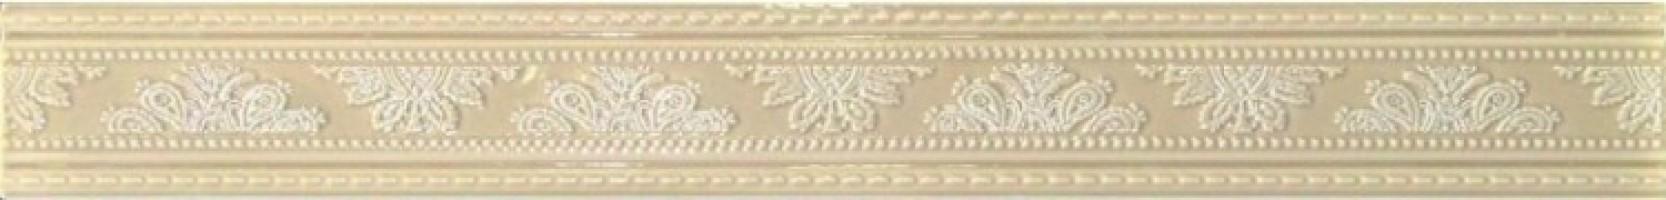 Бордюр CSAQUABE01 Pensiero Quadro Beige 6x50.2 Sant Agostino